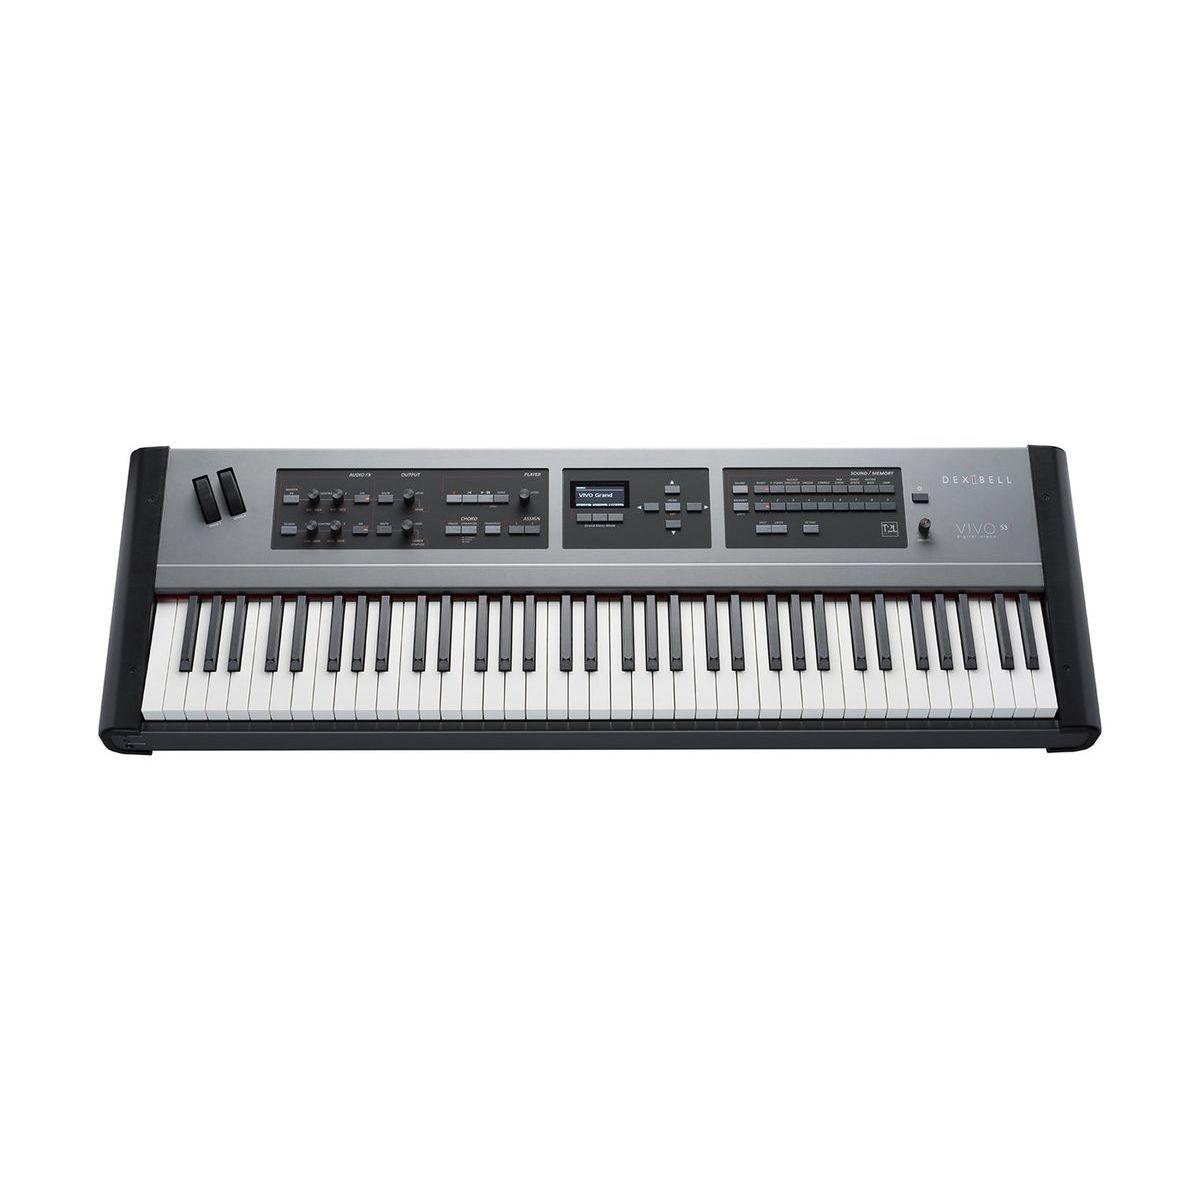 Сценическое цифровое пианино Dexibell VIVO S3